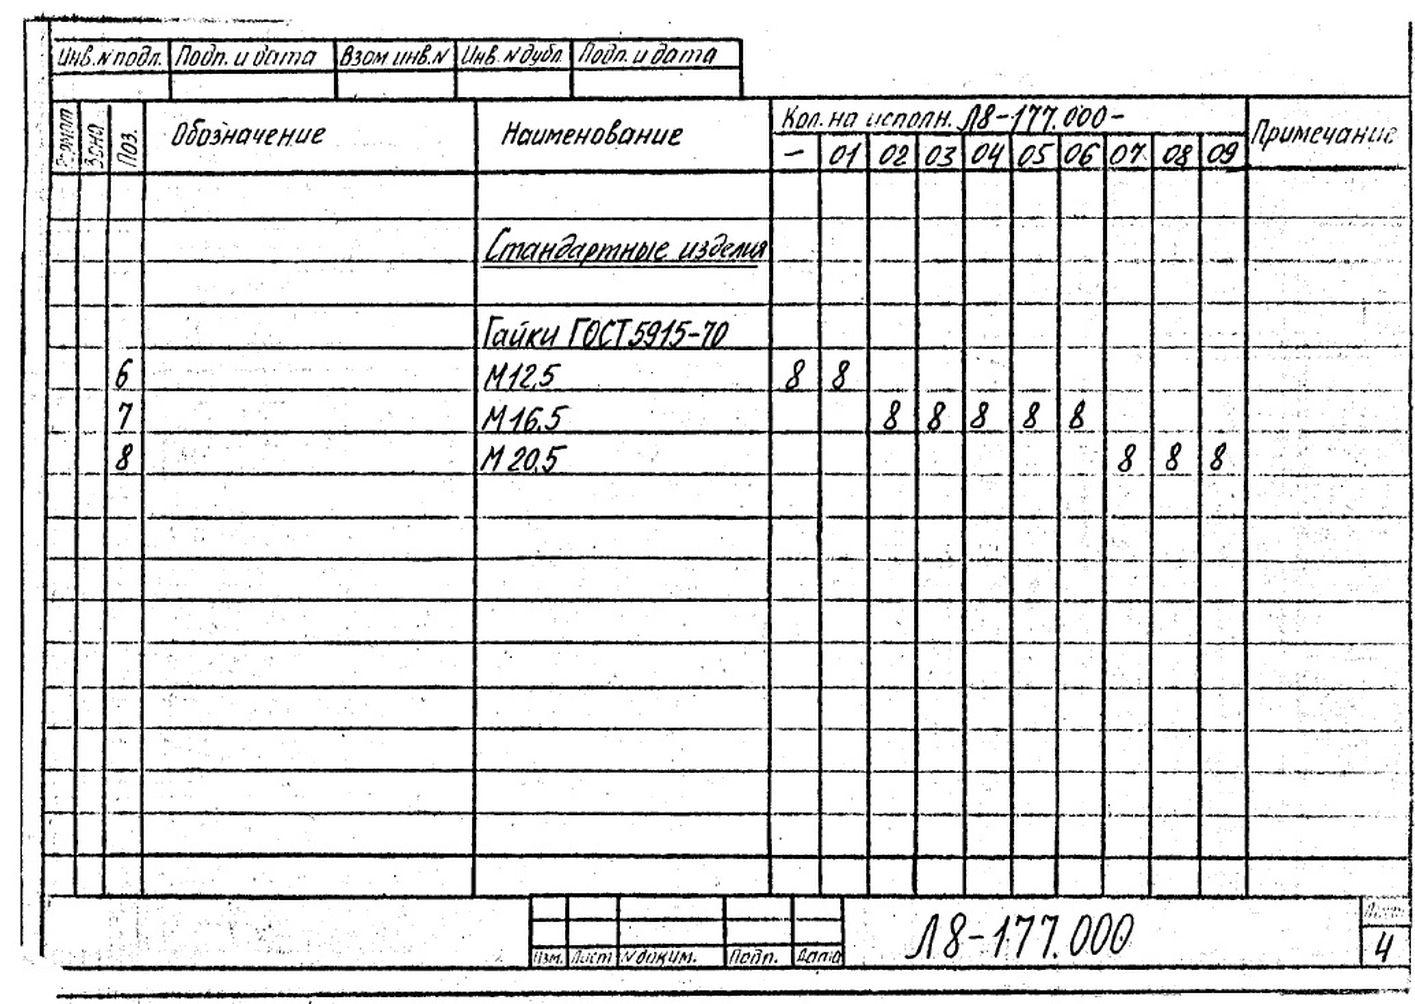 Блок пружинный Л8-177.000 стр.6